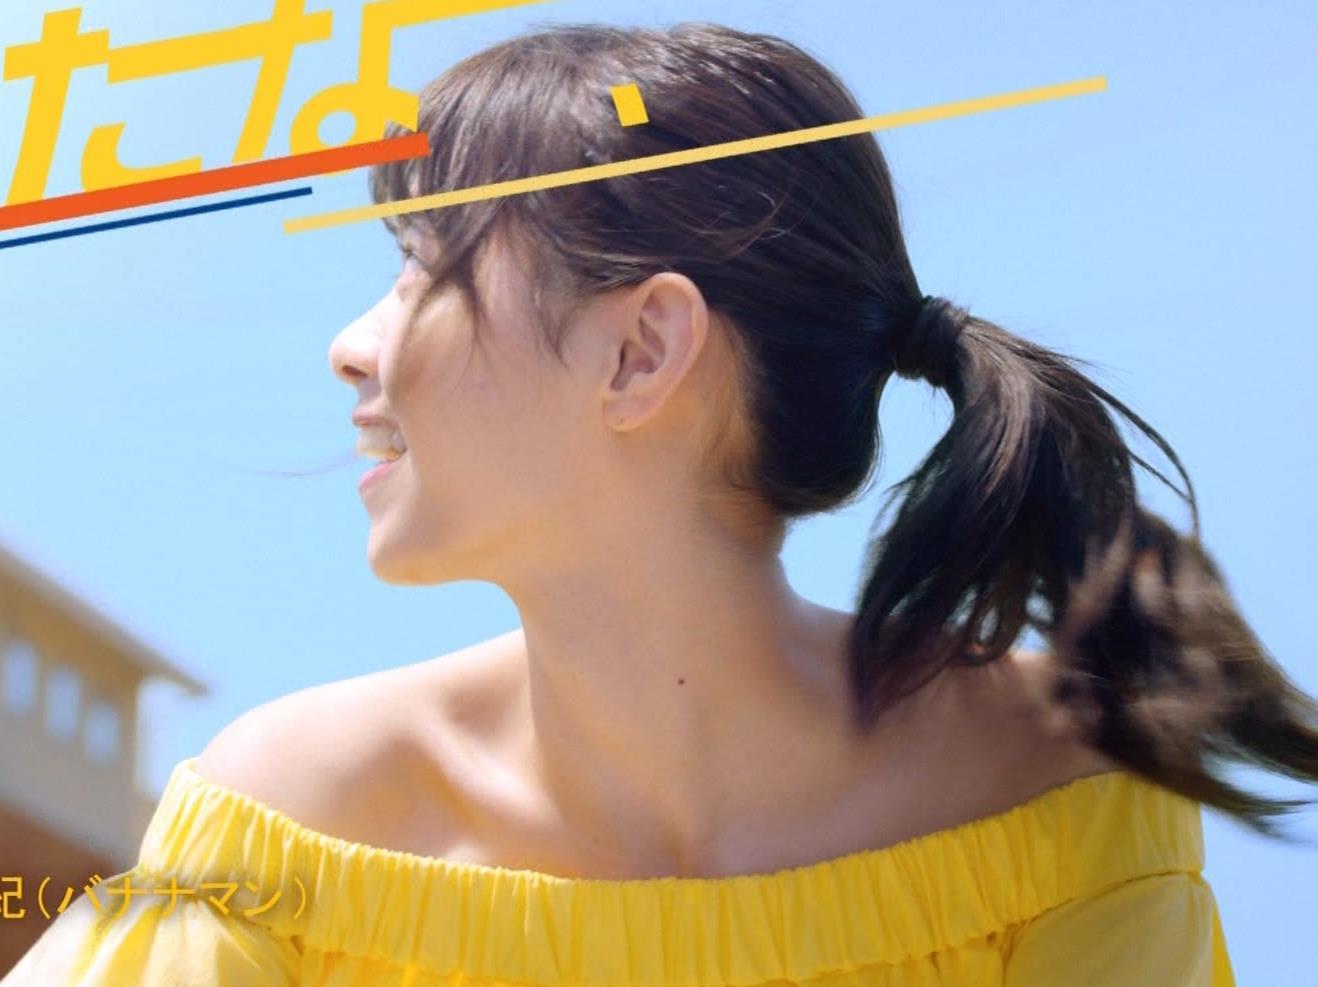 西野七瀬 エロかわいい日焼け止めのCMキャプ・エロ画像